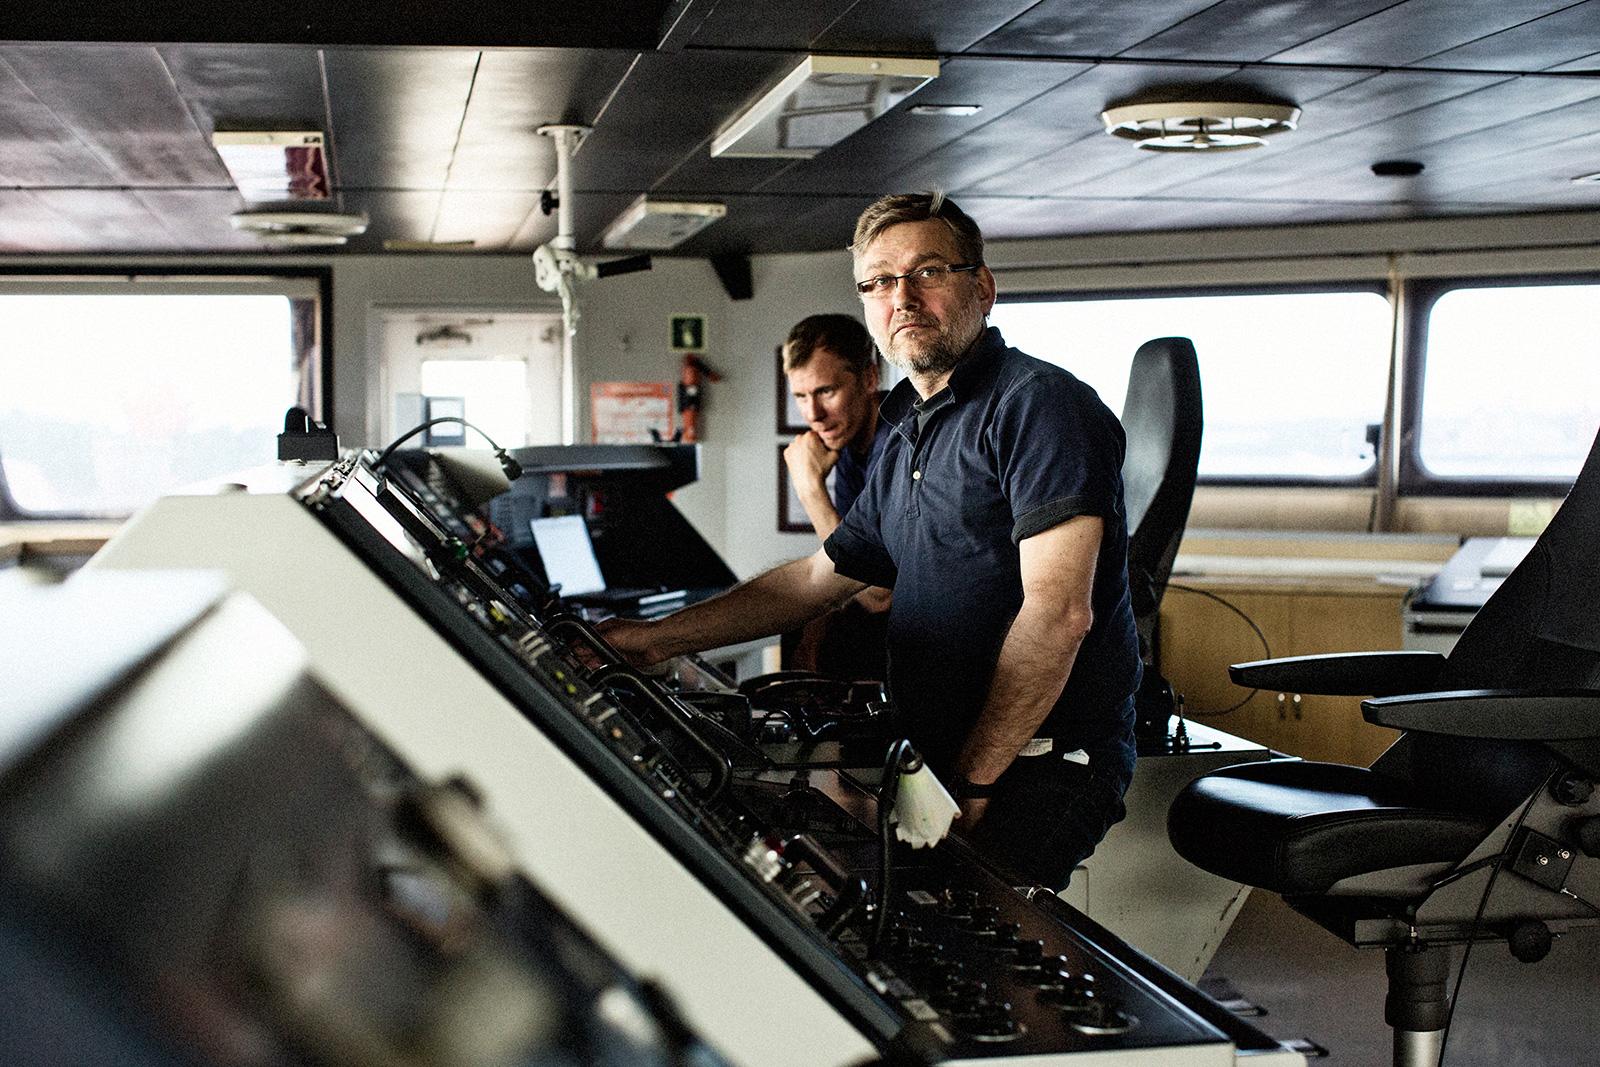 Brändikuvaus laivayhtiö SSL Shippingille. Brandimages for SSL Shipping.